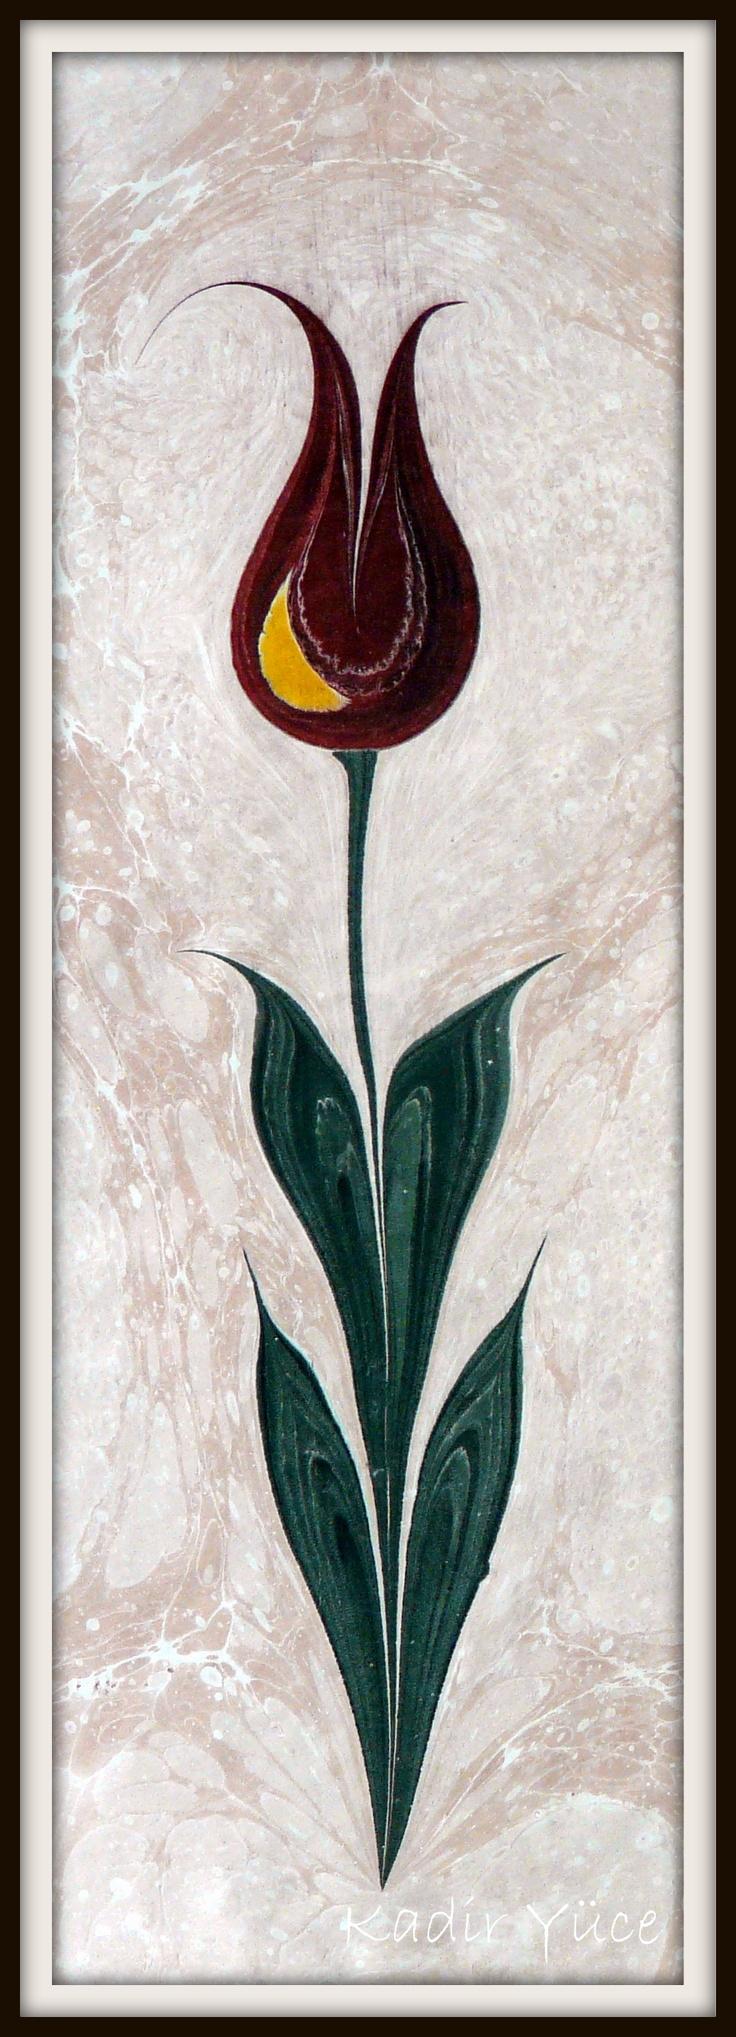 """Ebru sanatı, en eski Türk kağıt süsleme sanatlarındandır. Orta Asya dillerinden Çağatayca'da """"hare gibi, damarlı"""" anlamına gelen 'Ebre' kelimesi Ebru sanatının bilinen ilk adıdır. İpek Yolu ile İran'a gelen sanat, burada 'Abru' (Su Yüzü) veya 'Ebri' (Bulutumsu, bulut gibi) olarak isimlendirilmiştir. Daha sonra Türklerle birlikte Anadolu'ya gelen bu sanatın adı 'Ebru' olarak dilimize yerleşmiştir."""